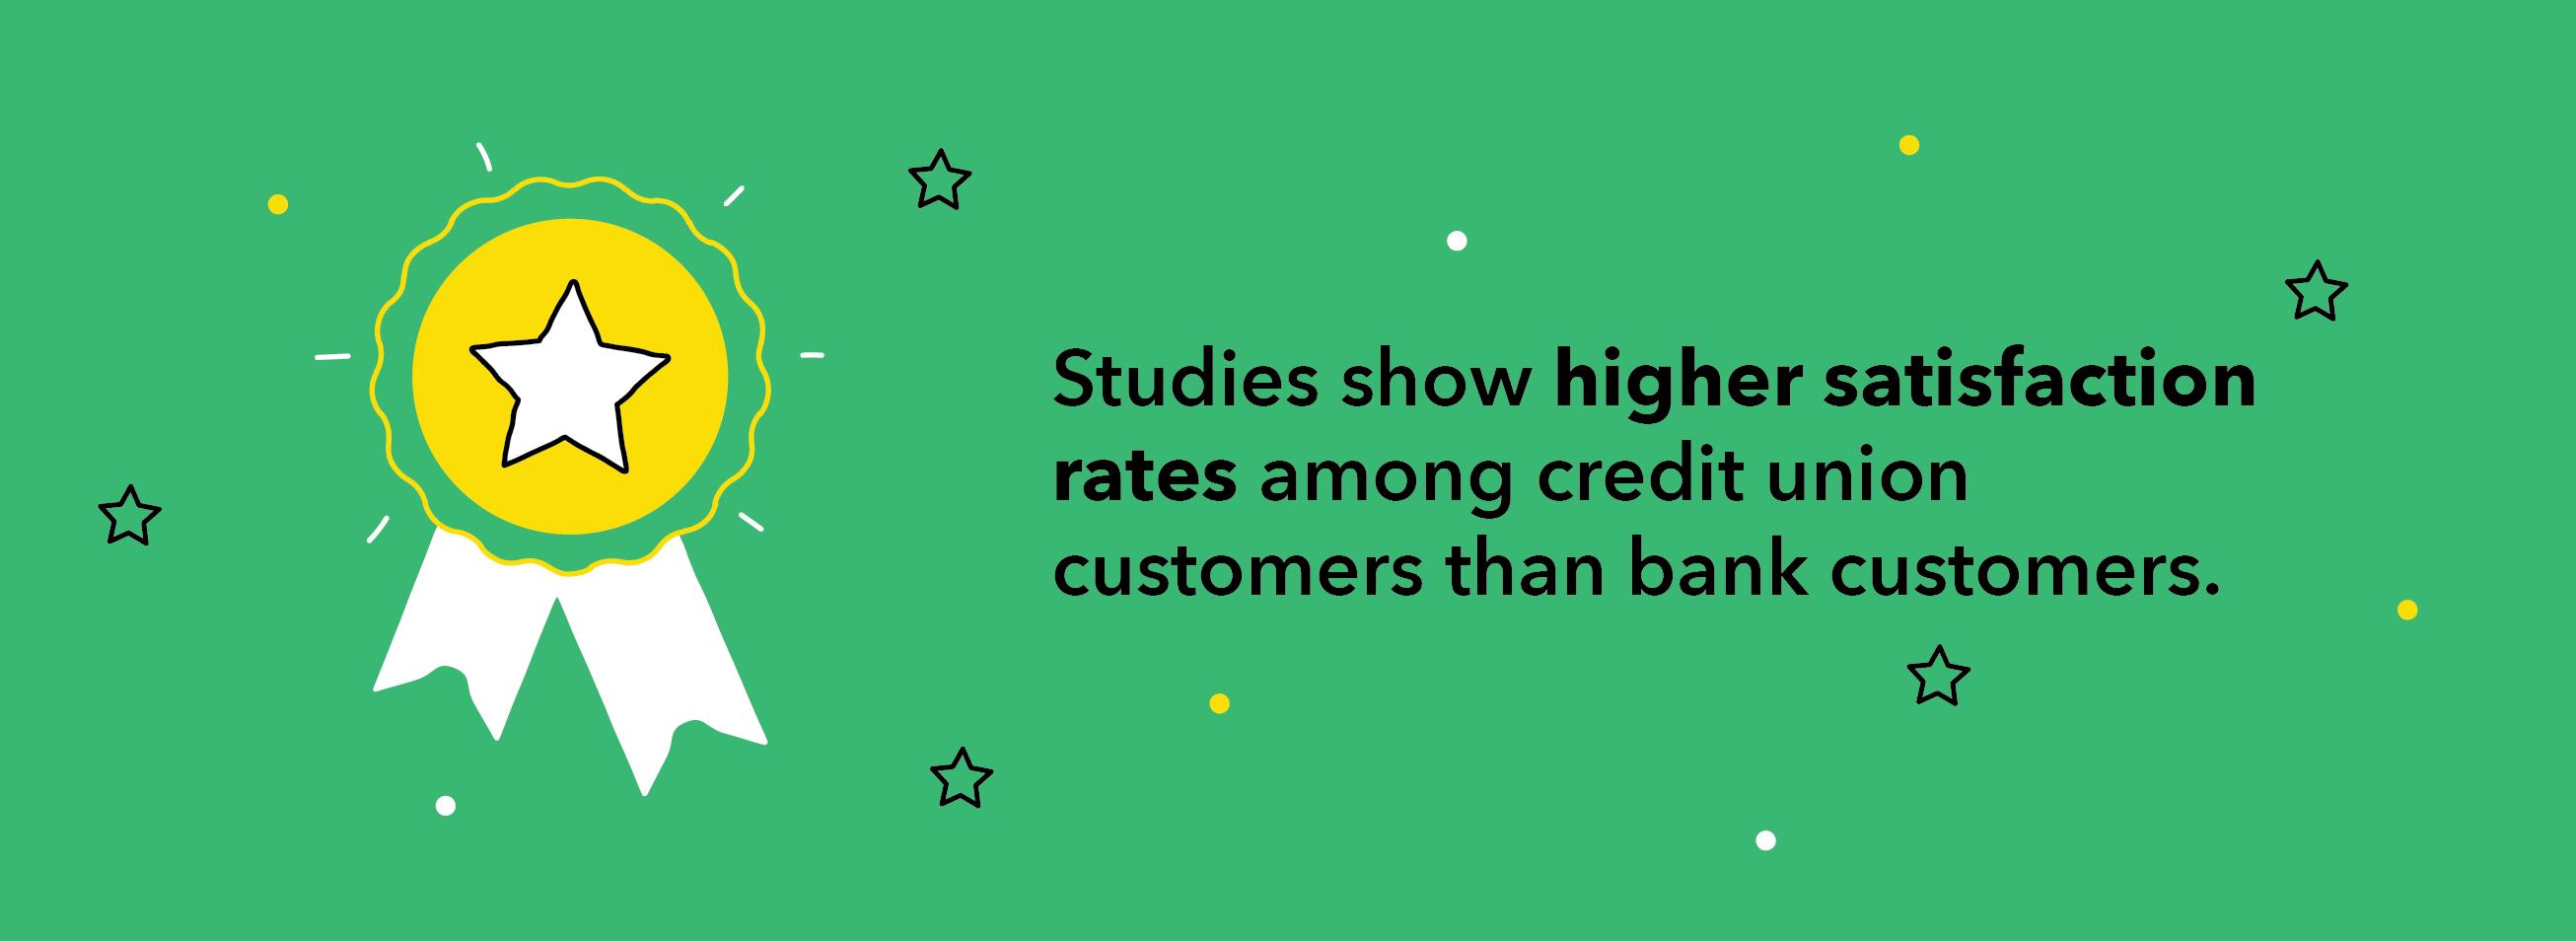 Studies show higher satisfaction